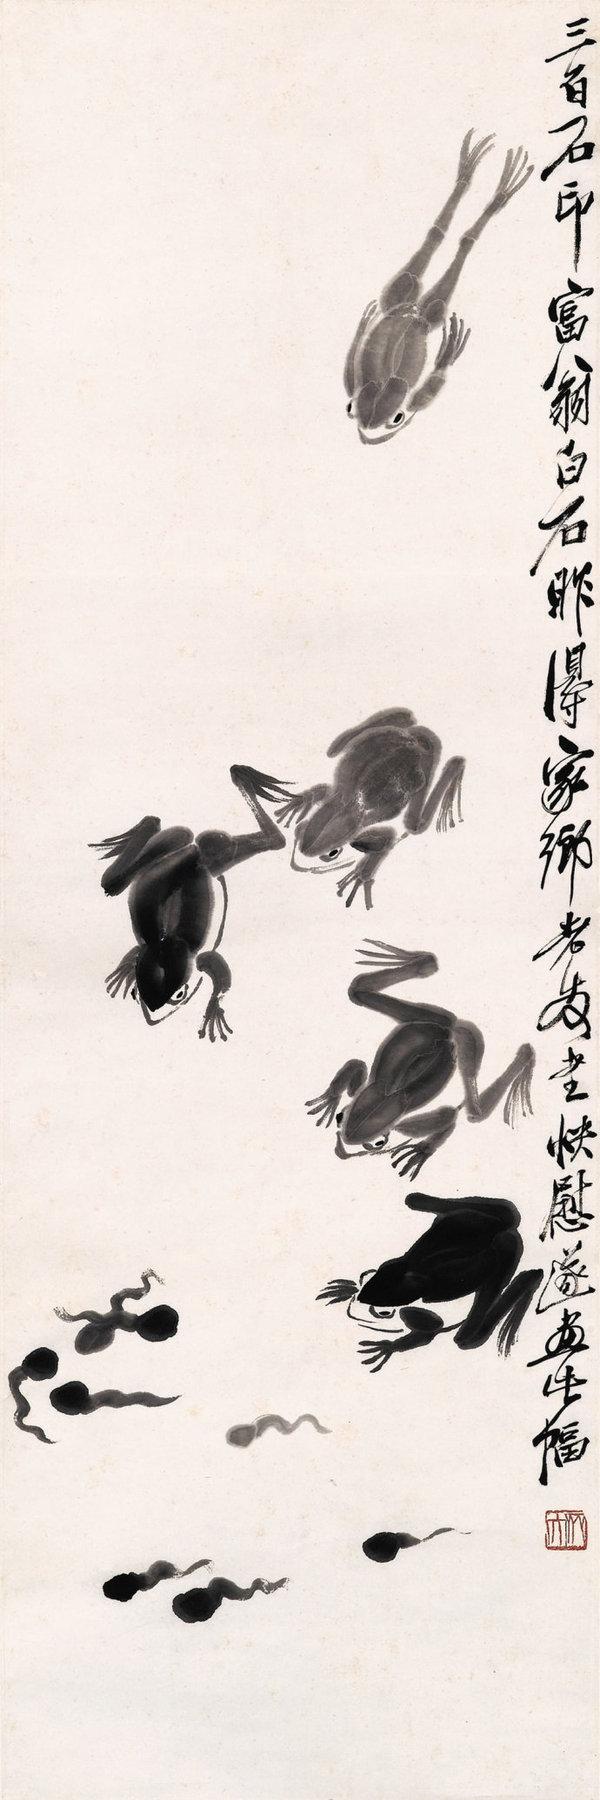 国画青蛙画法步骤图